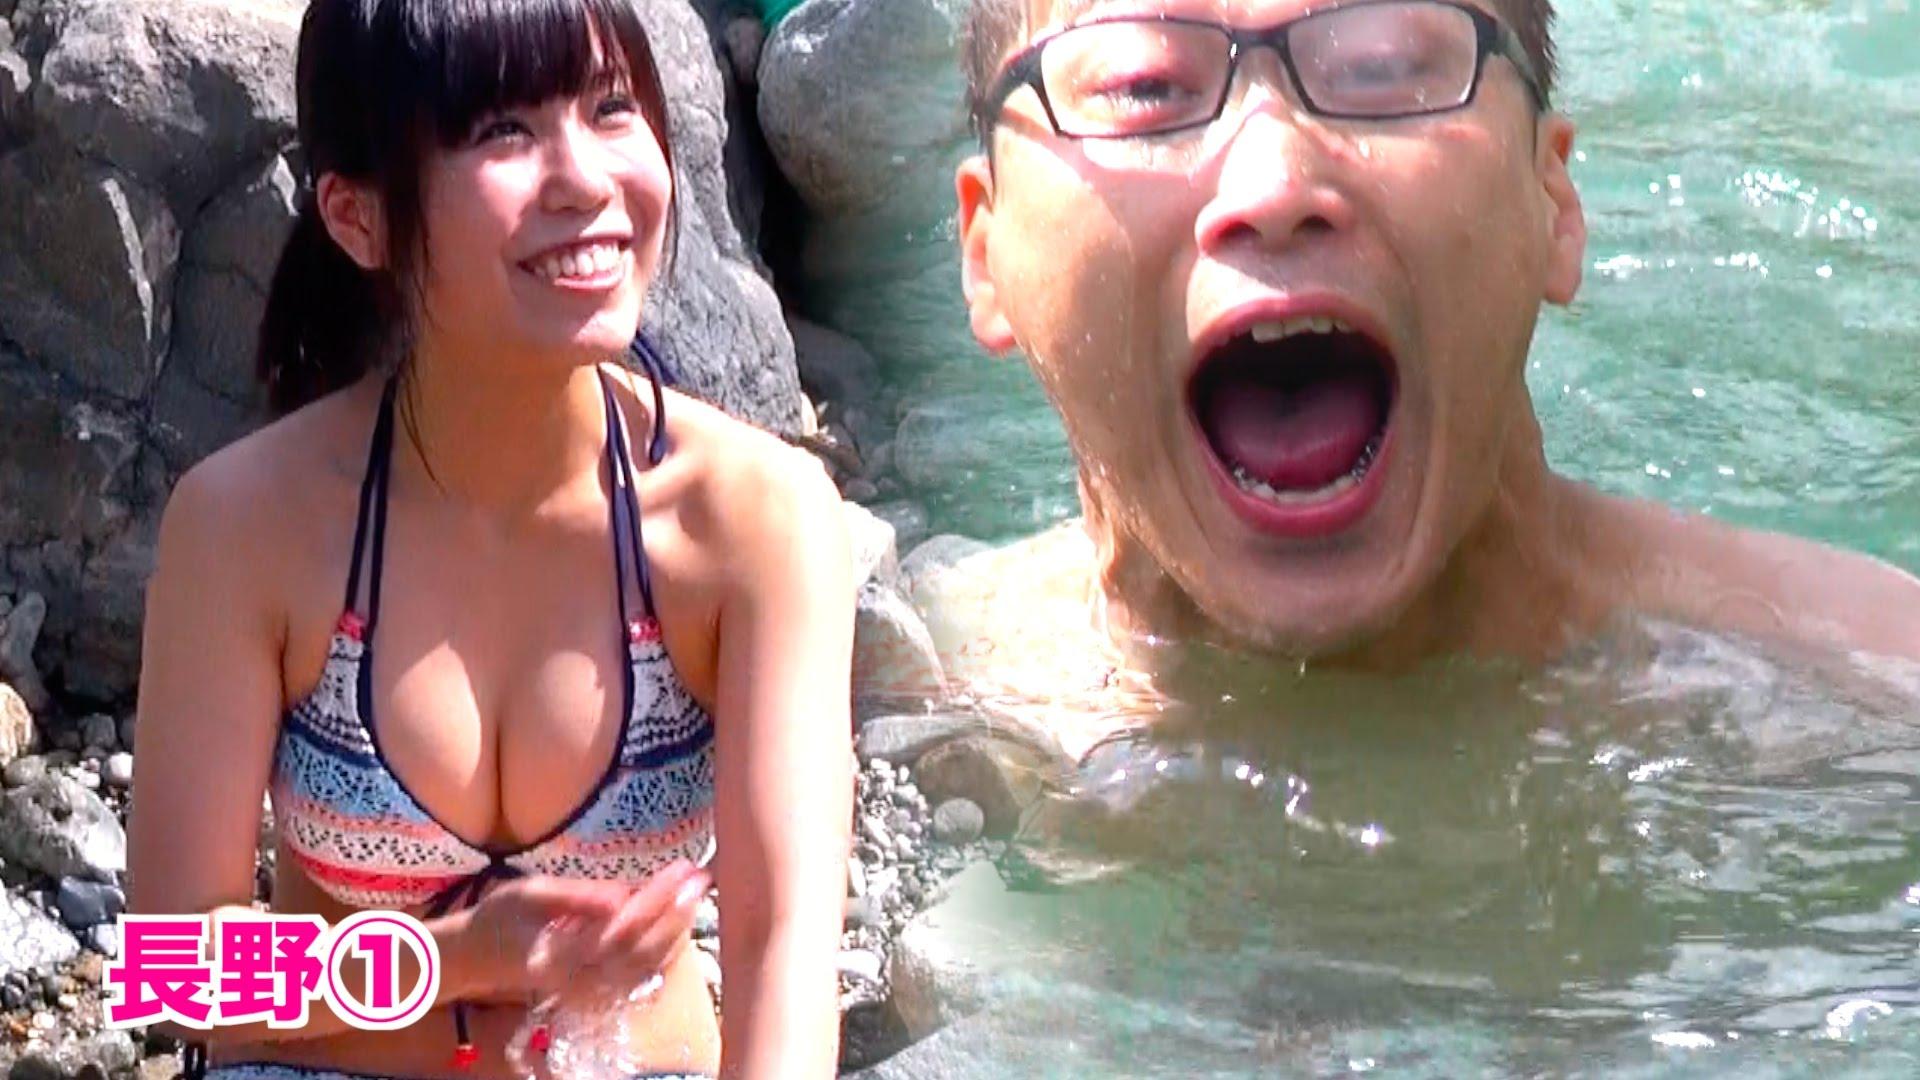 温泉でのセクシーなハプニング動画集~